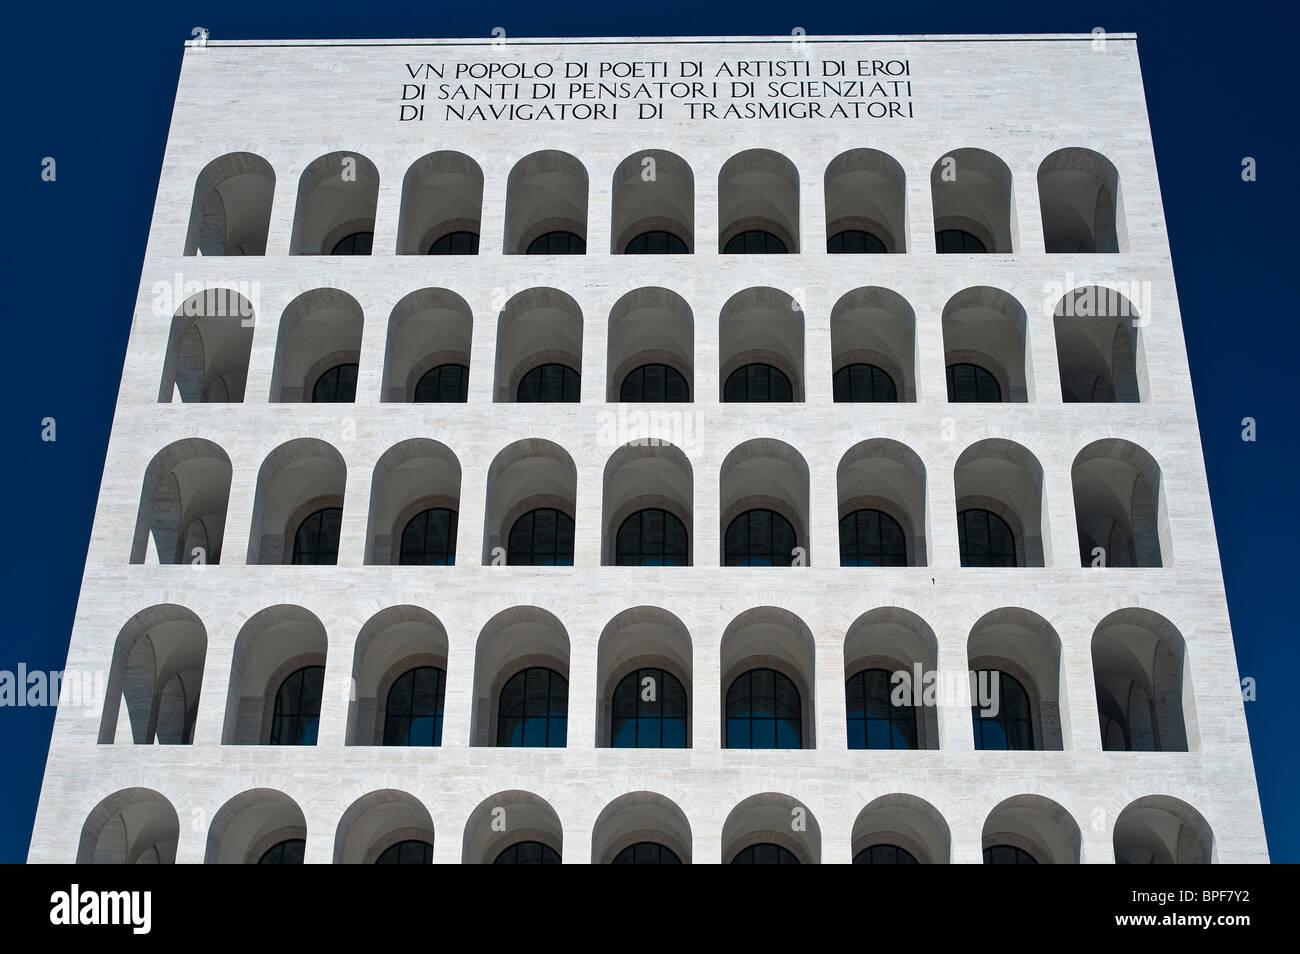 Palazzo della Civiltà Italiana edificio, icono de la arquitectura fascista, distrito EUR, Roma, Italia Imagen De Stock